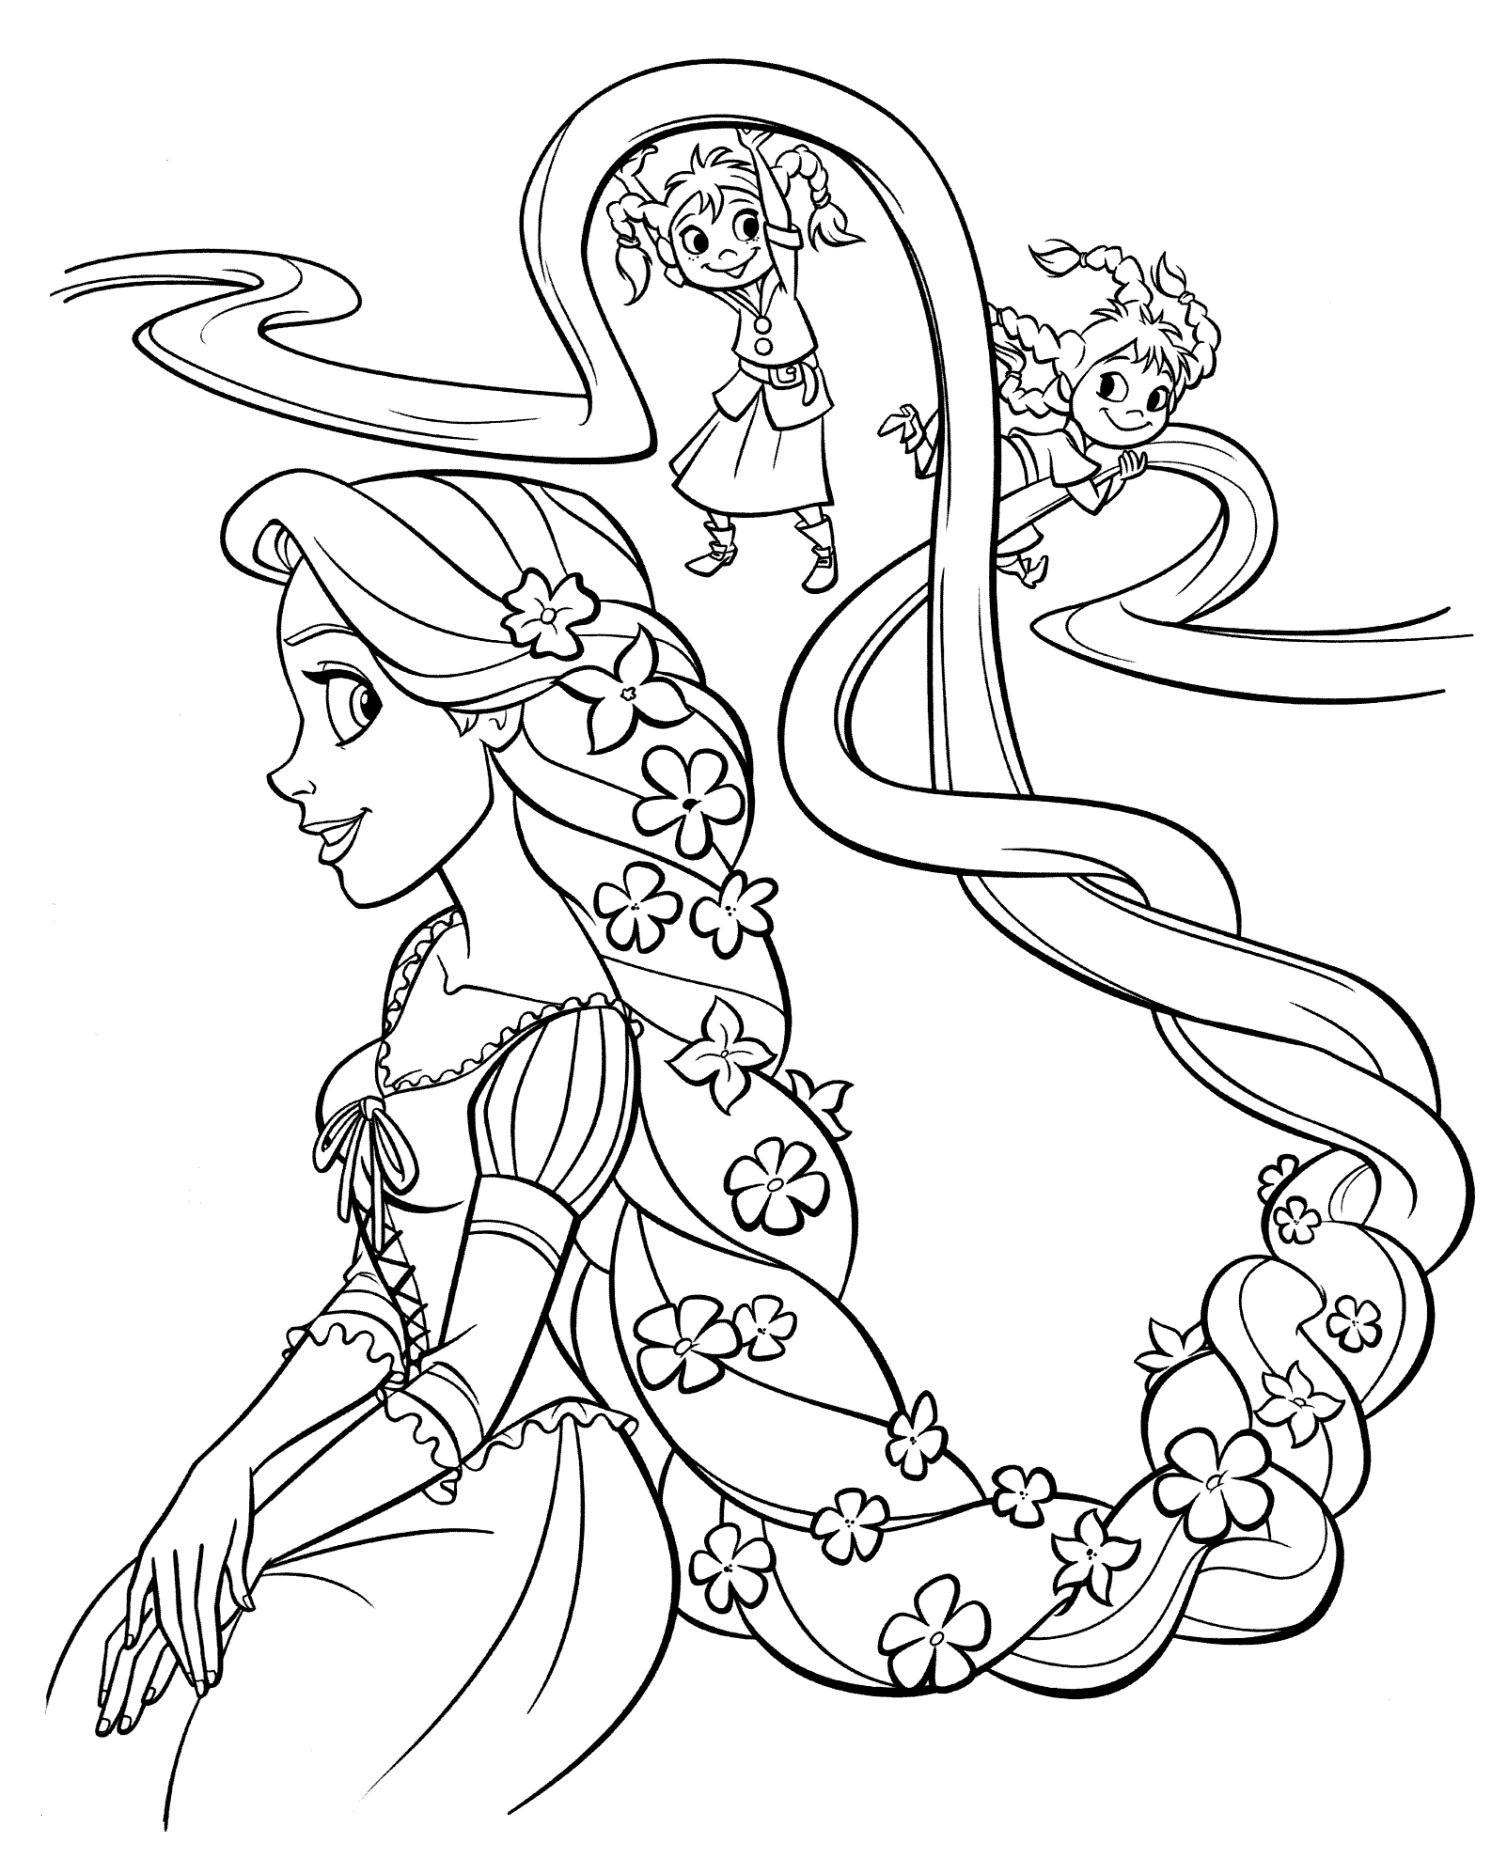 Ausmalbilder Rapunzel Malvorlagen | Malvorlage Prinzessin für Prinzessin Ausmalbilder Zum Drucken